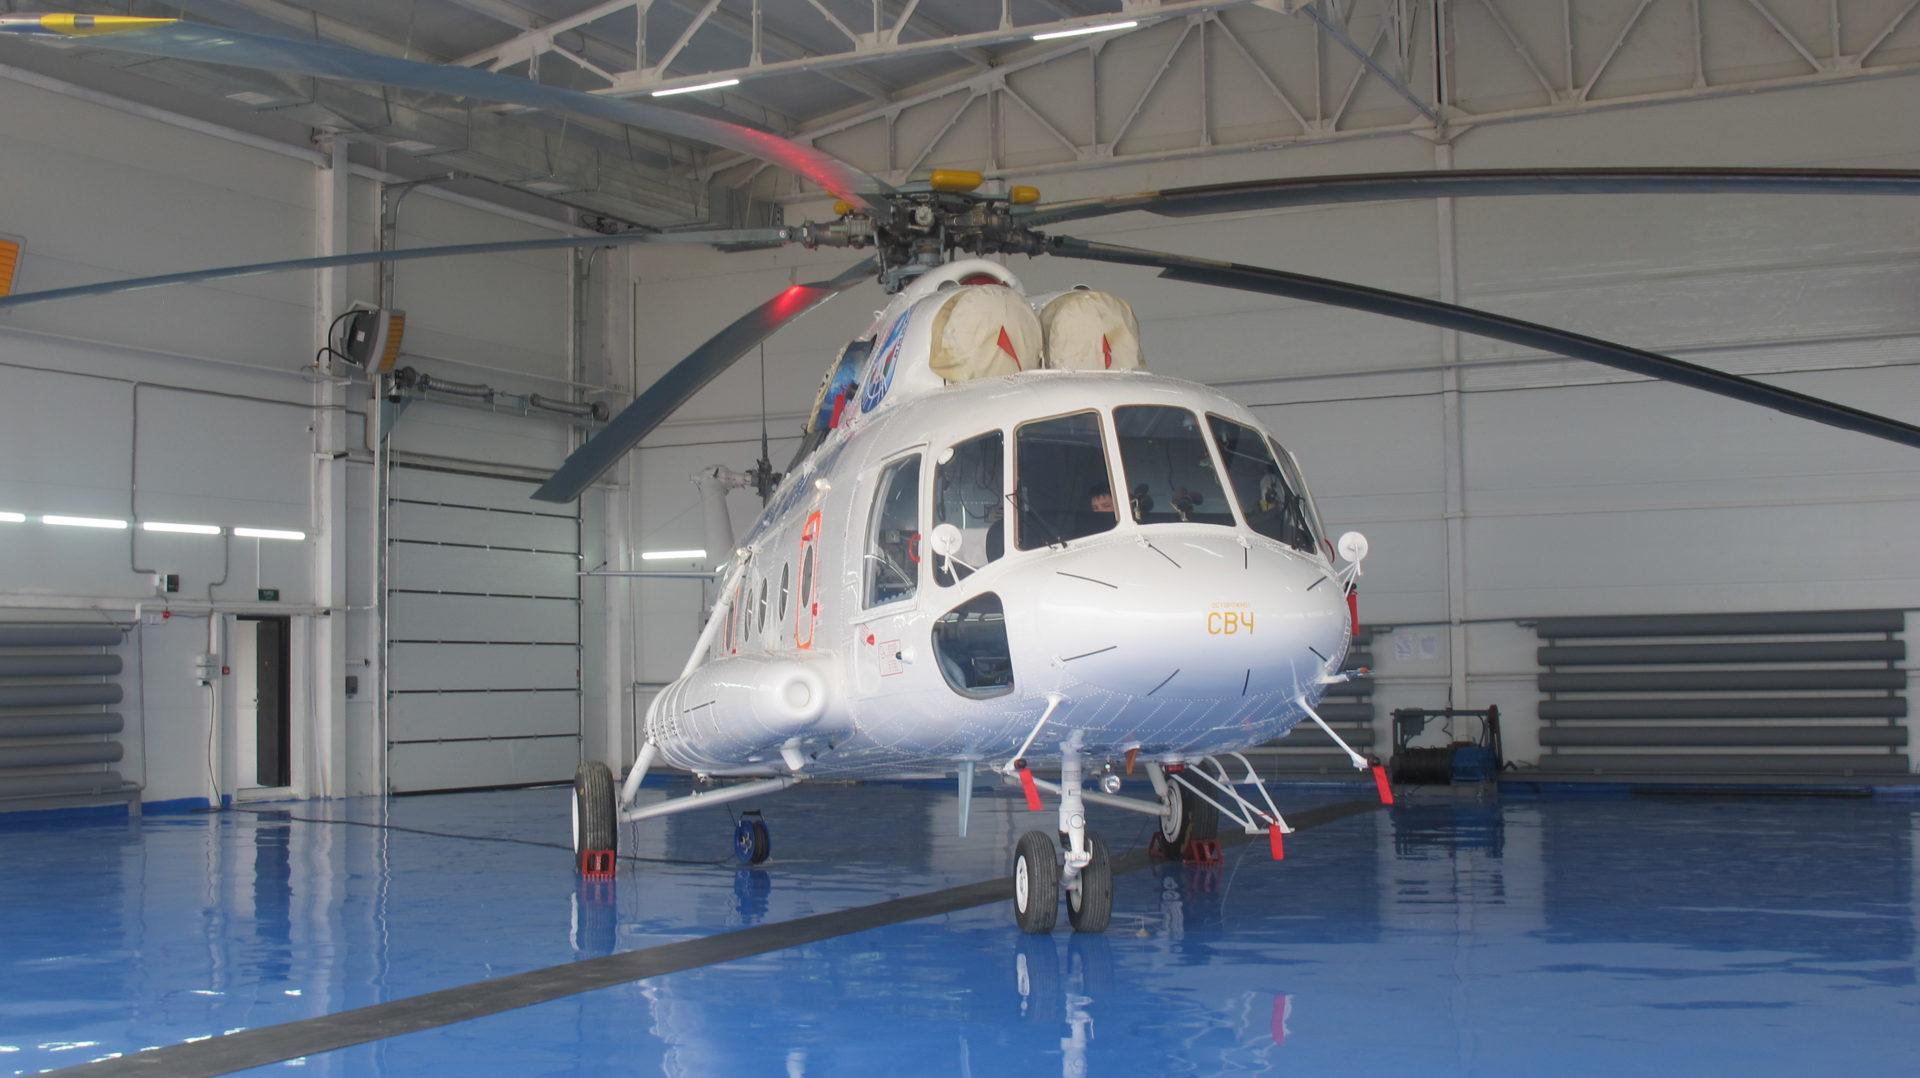 Новый вертолет Ми-8 МТВ, оснащенный медицинским оборудованием, заступит на боевое дежурство в Якутии